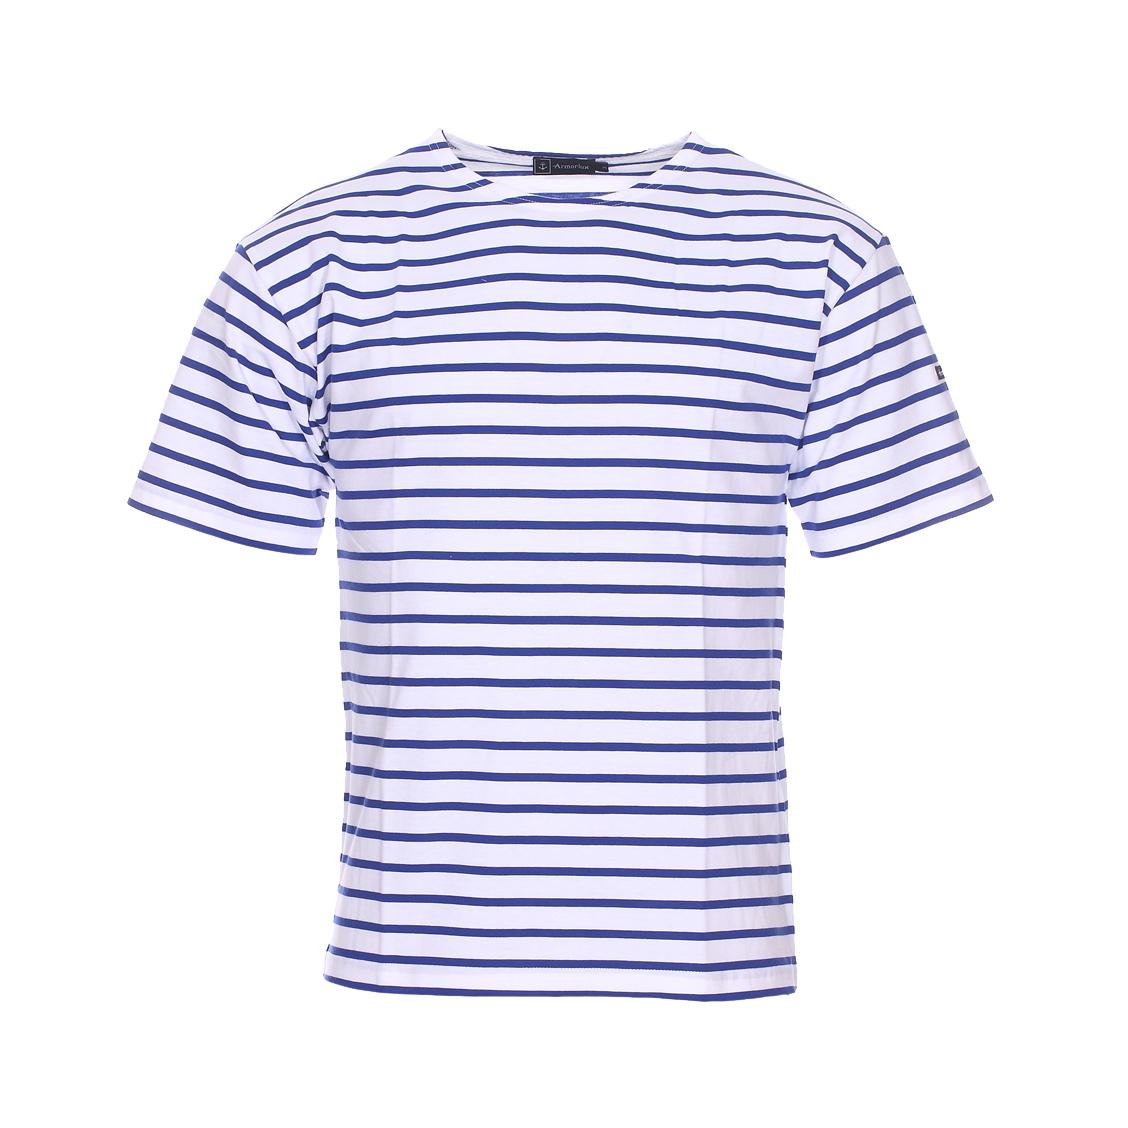 . - Coton (100%) - A rayures blanches et bleu indigo - Manches courtes - Col bateau